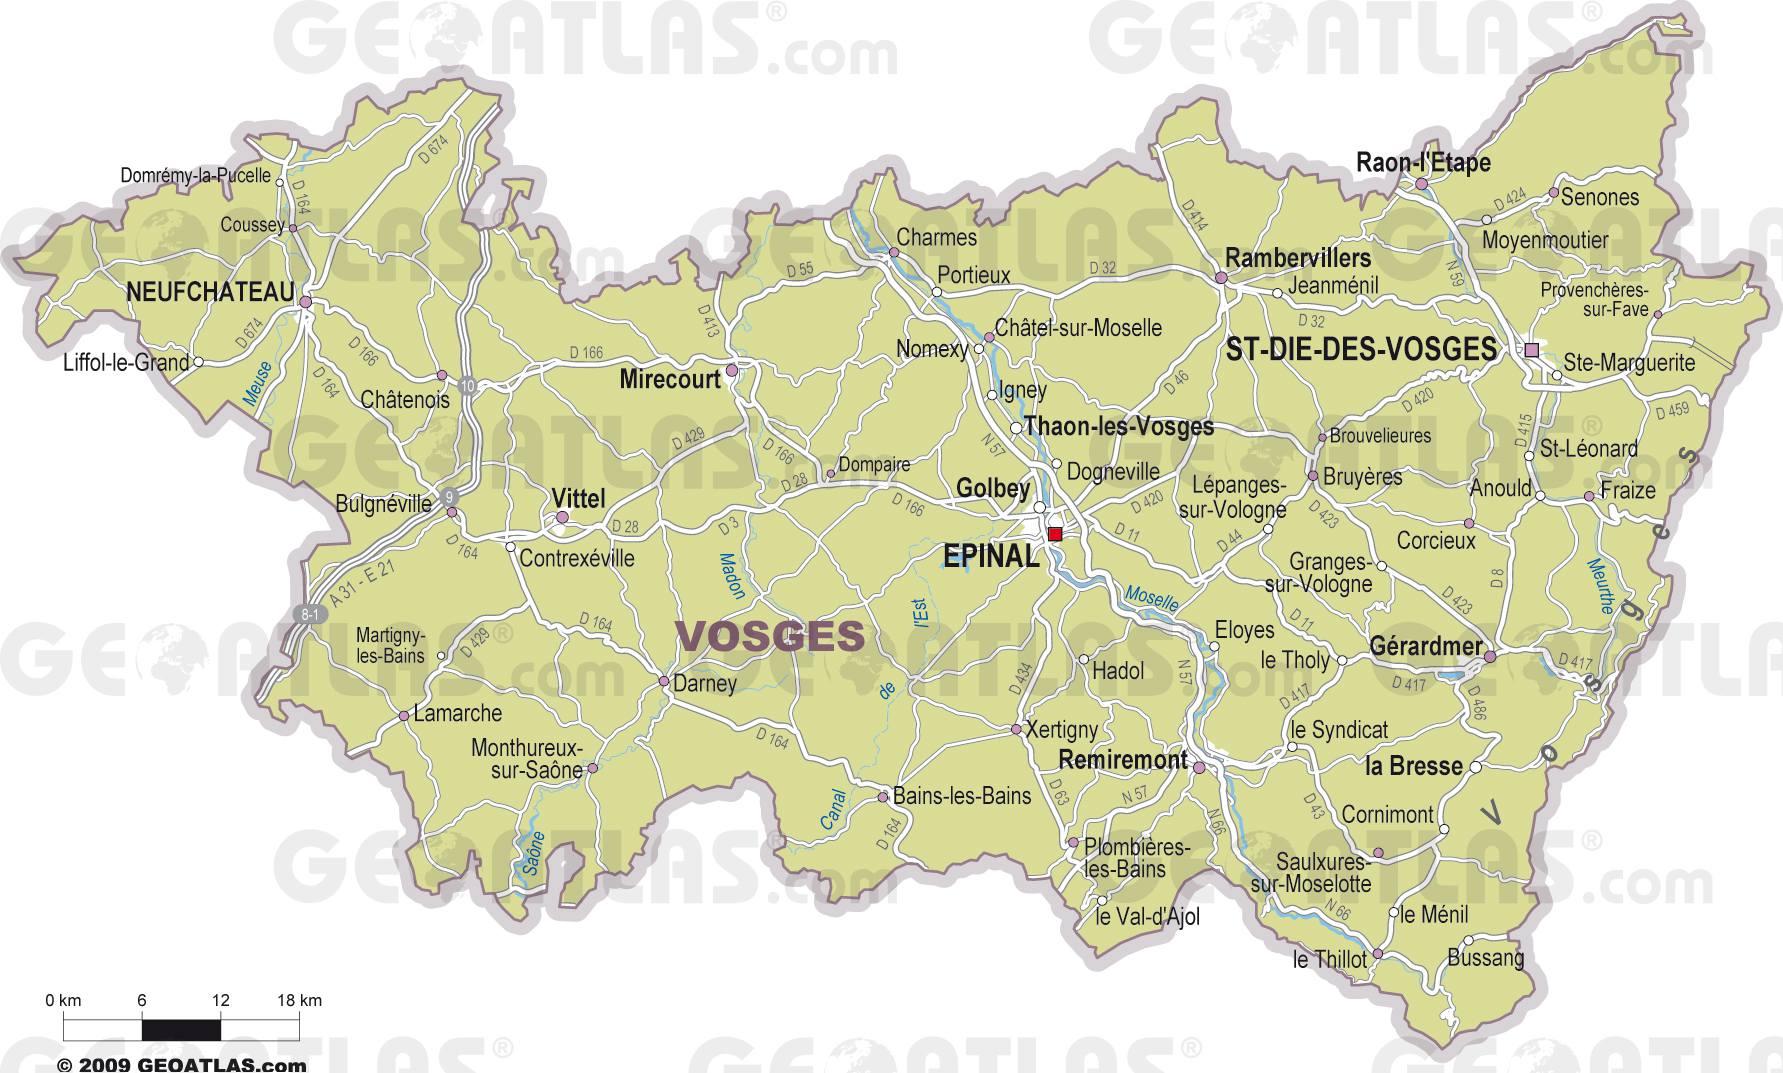 Carte des villes des Vosges